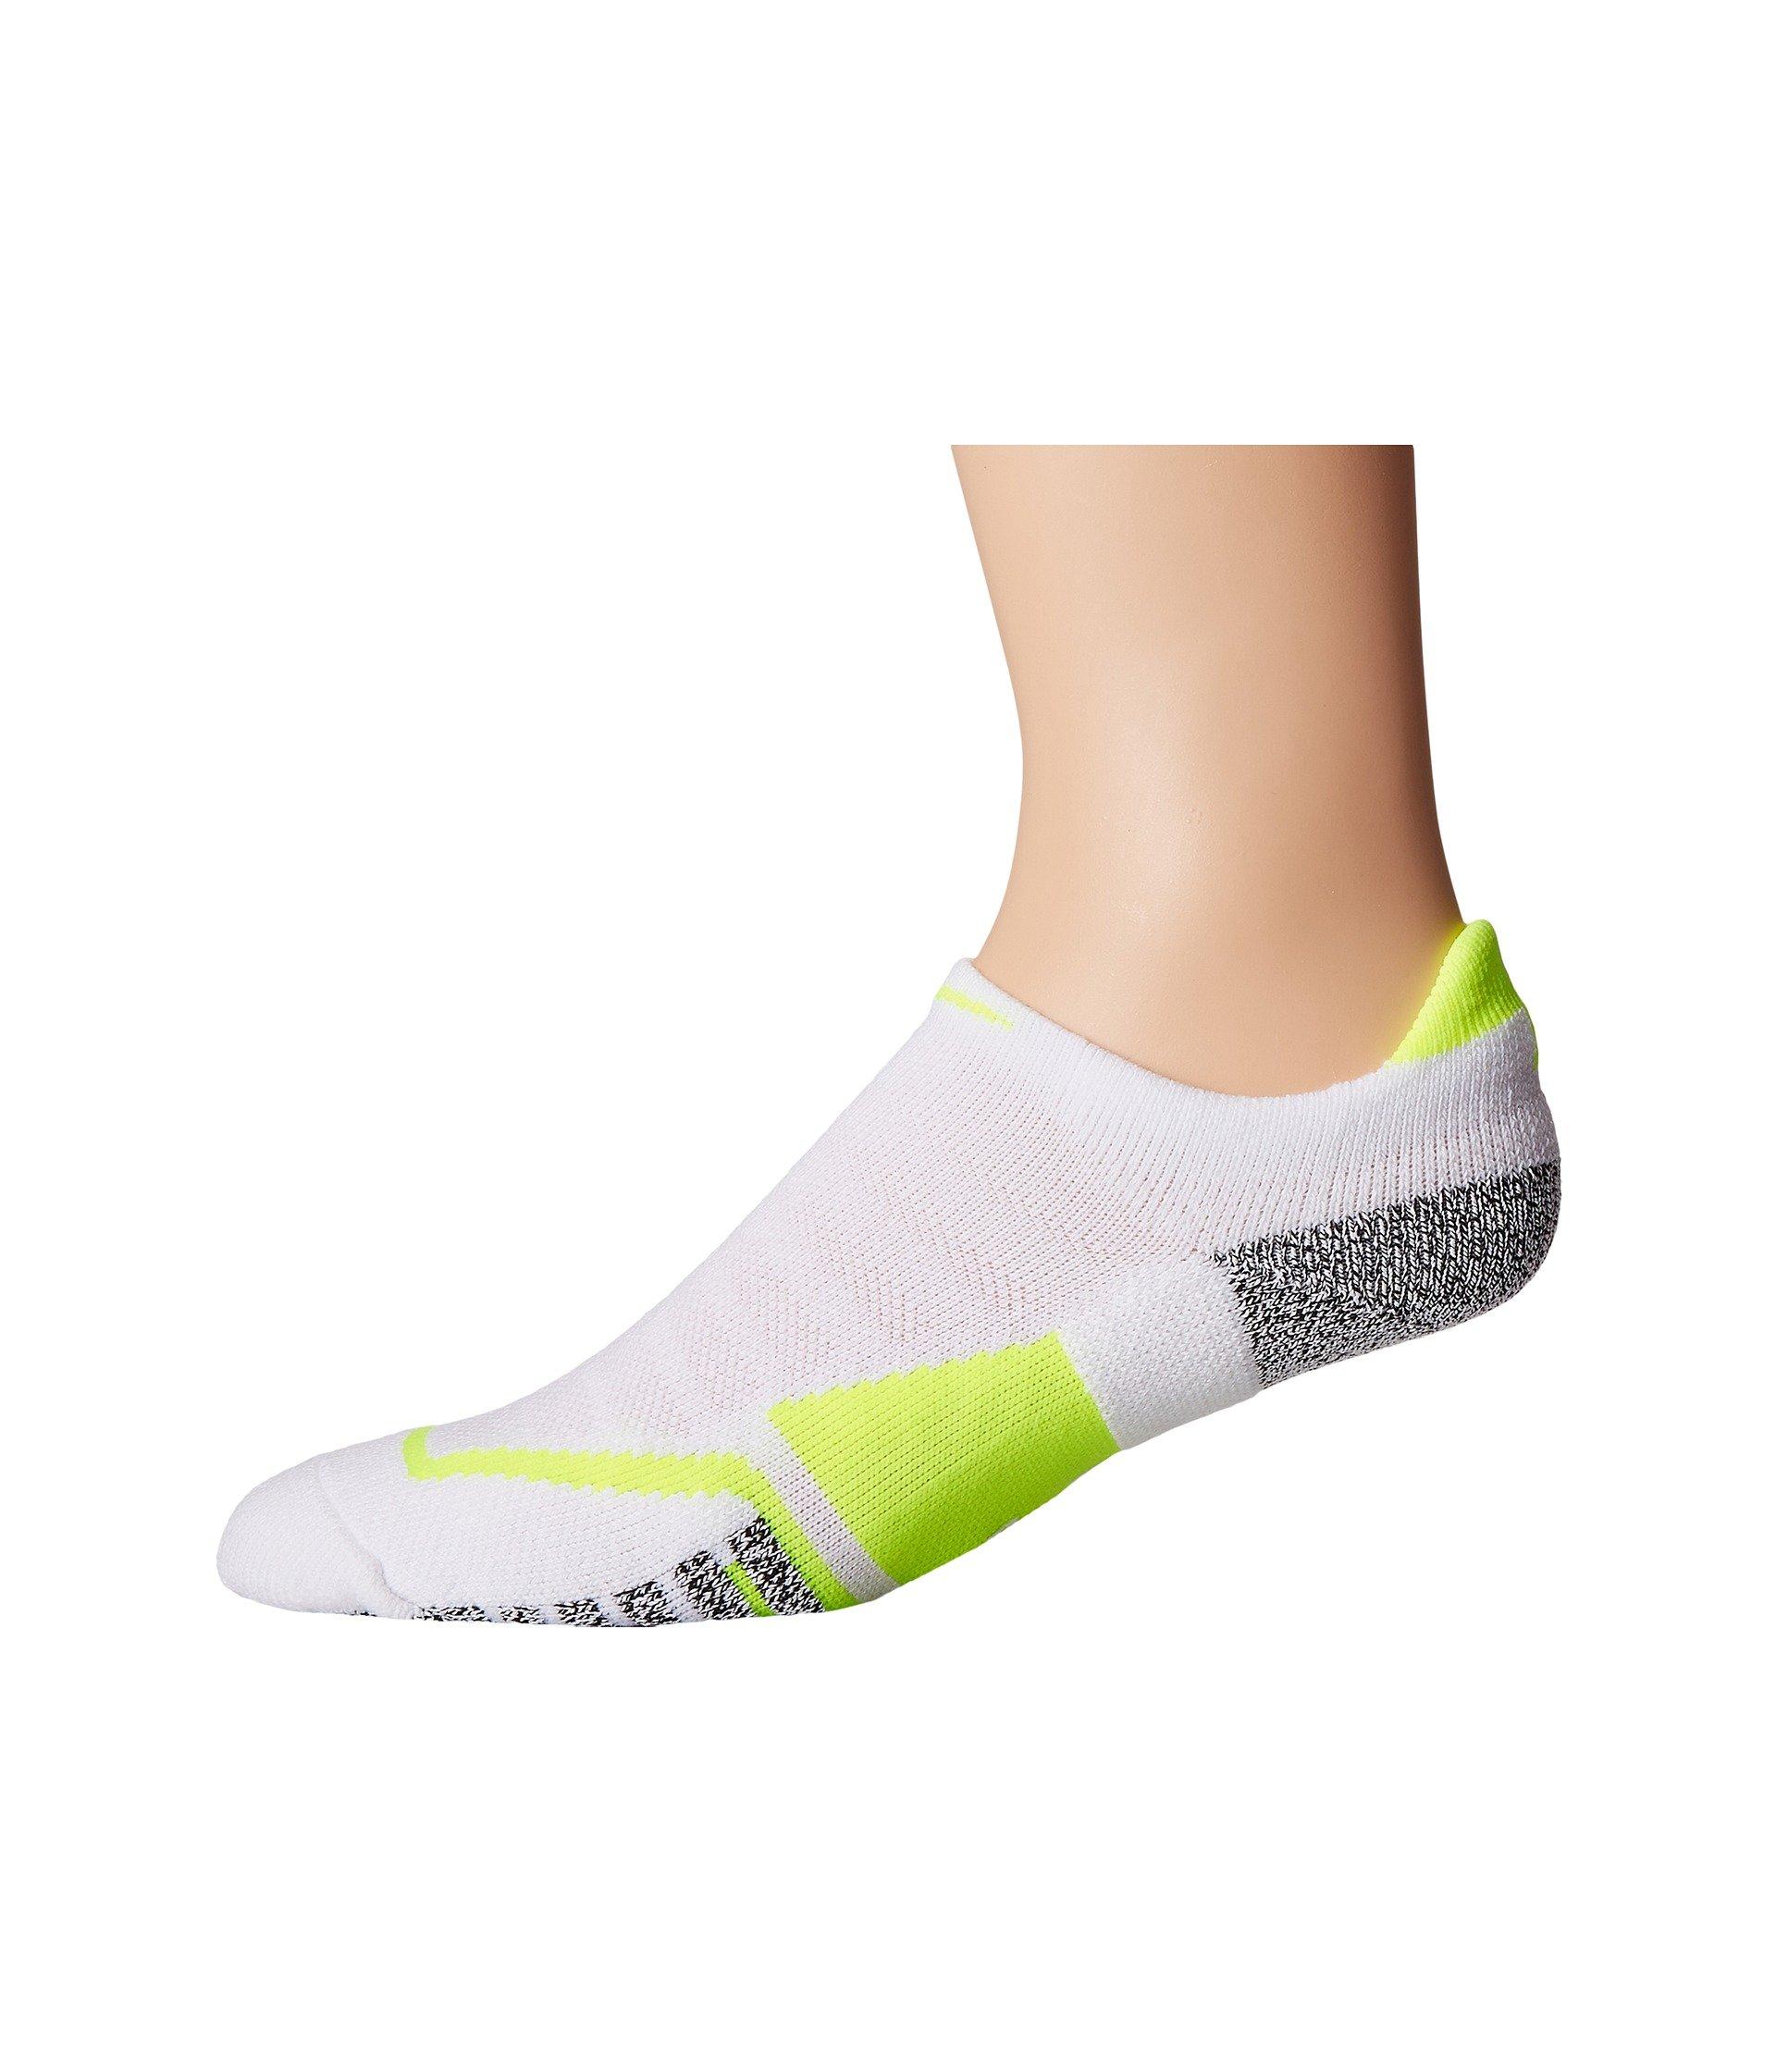 8dd4dc0da Nike Grip Elite No Show Tennis Socks, White/Volt/Volt | ModeSens